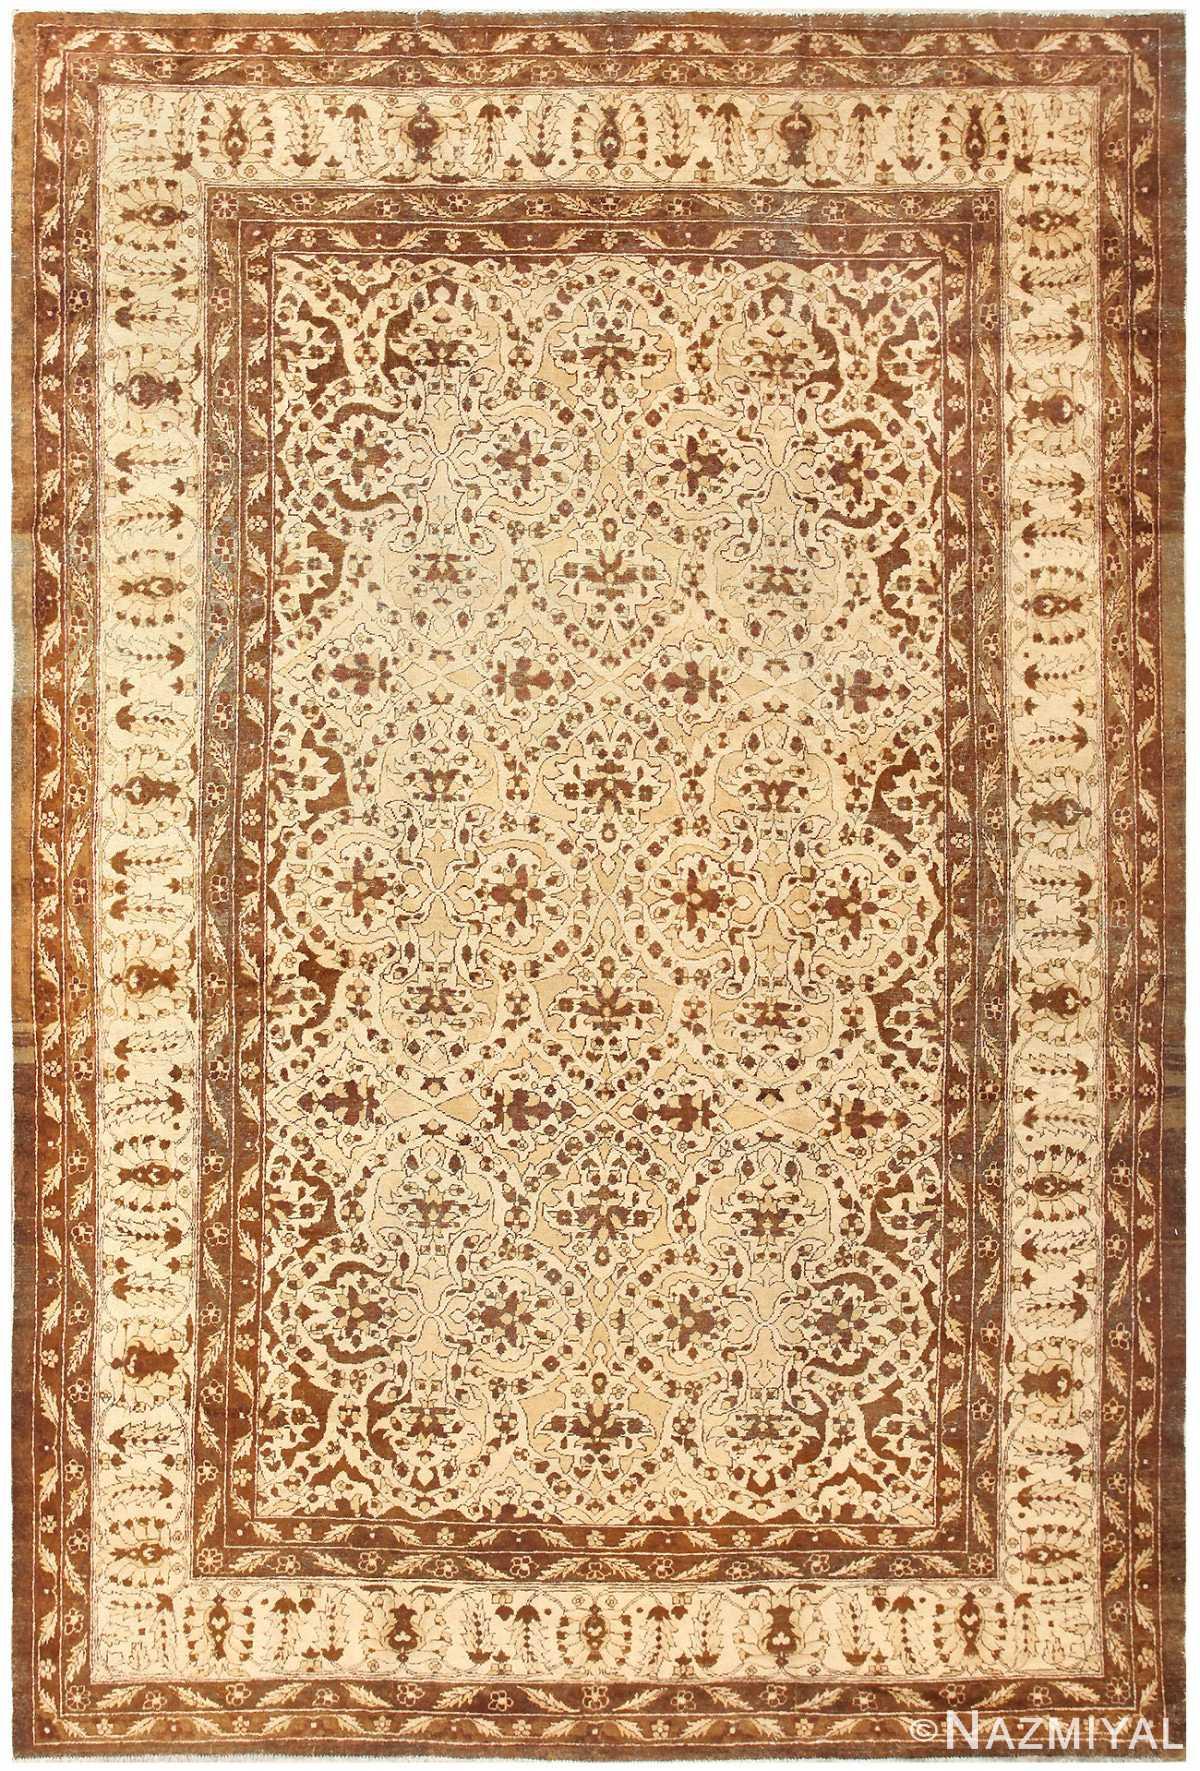 Antique Indian Amritsar Carpet 50225 Nazmiyal